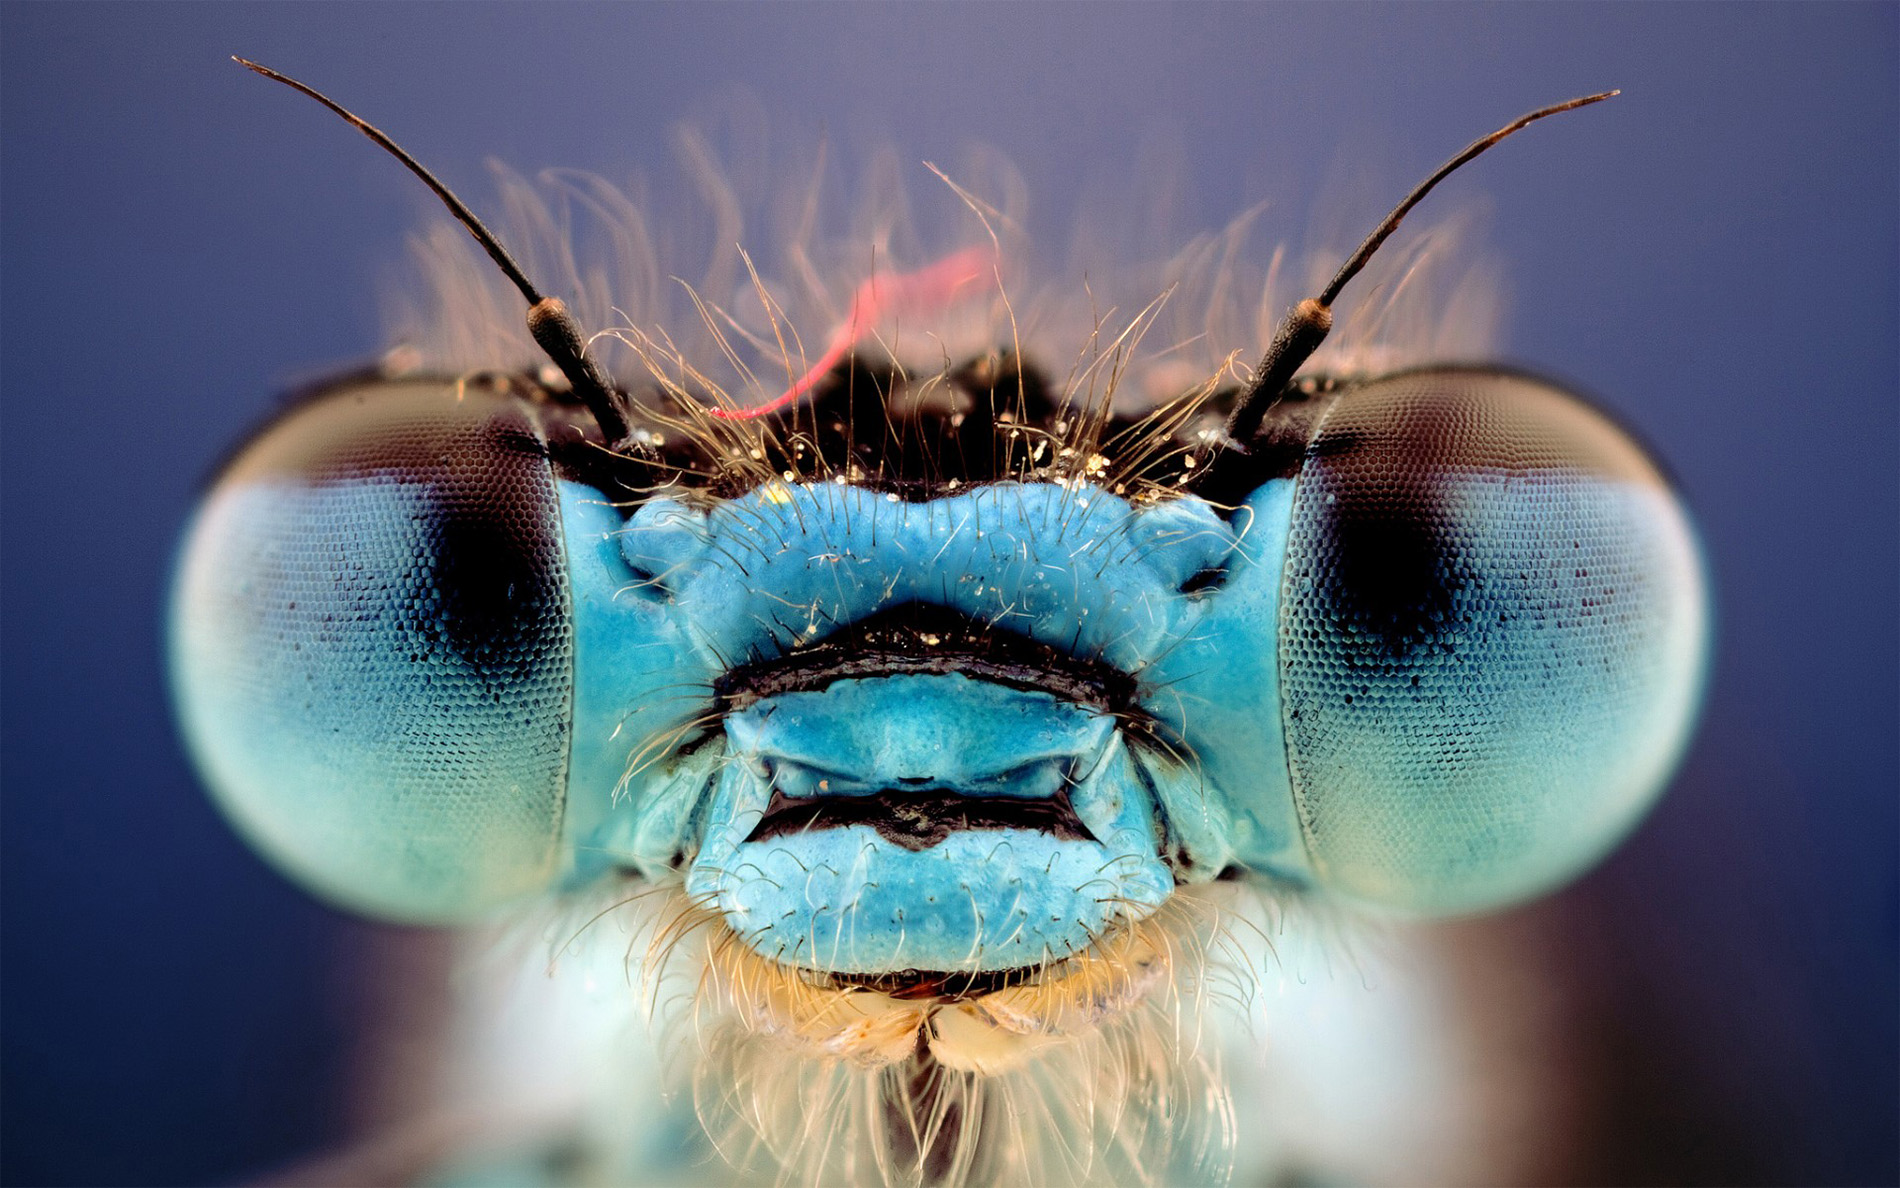 Los ojos de la libélula ven el mundo en multicolor